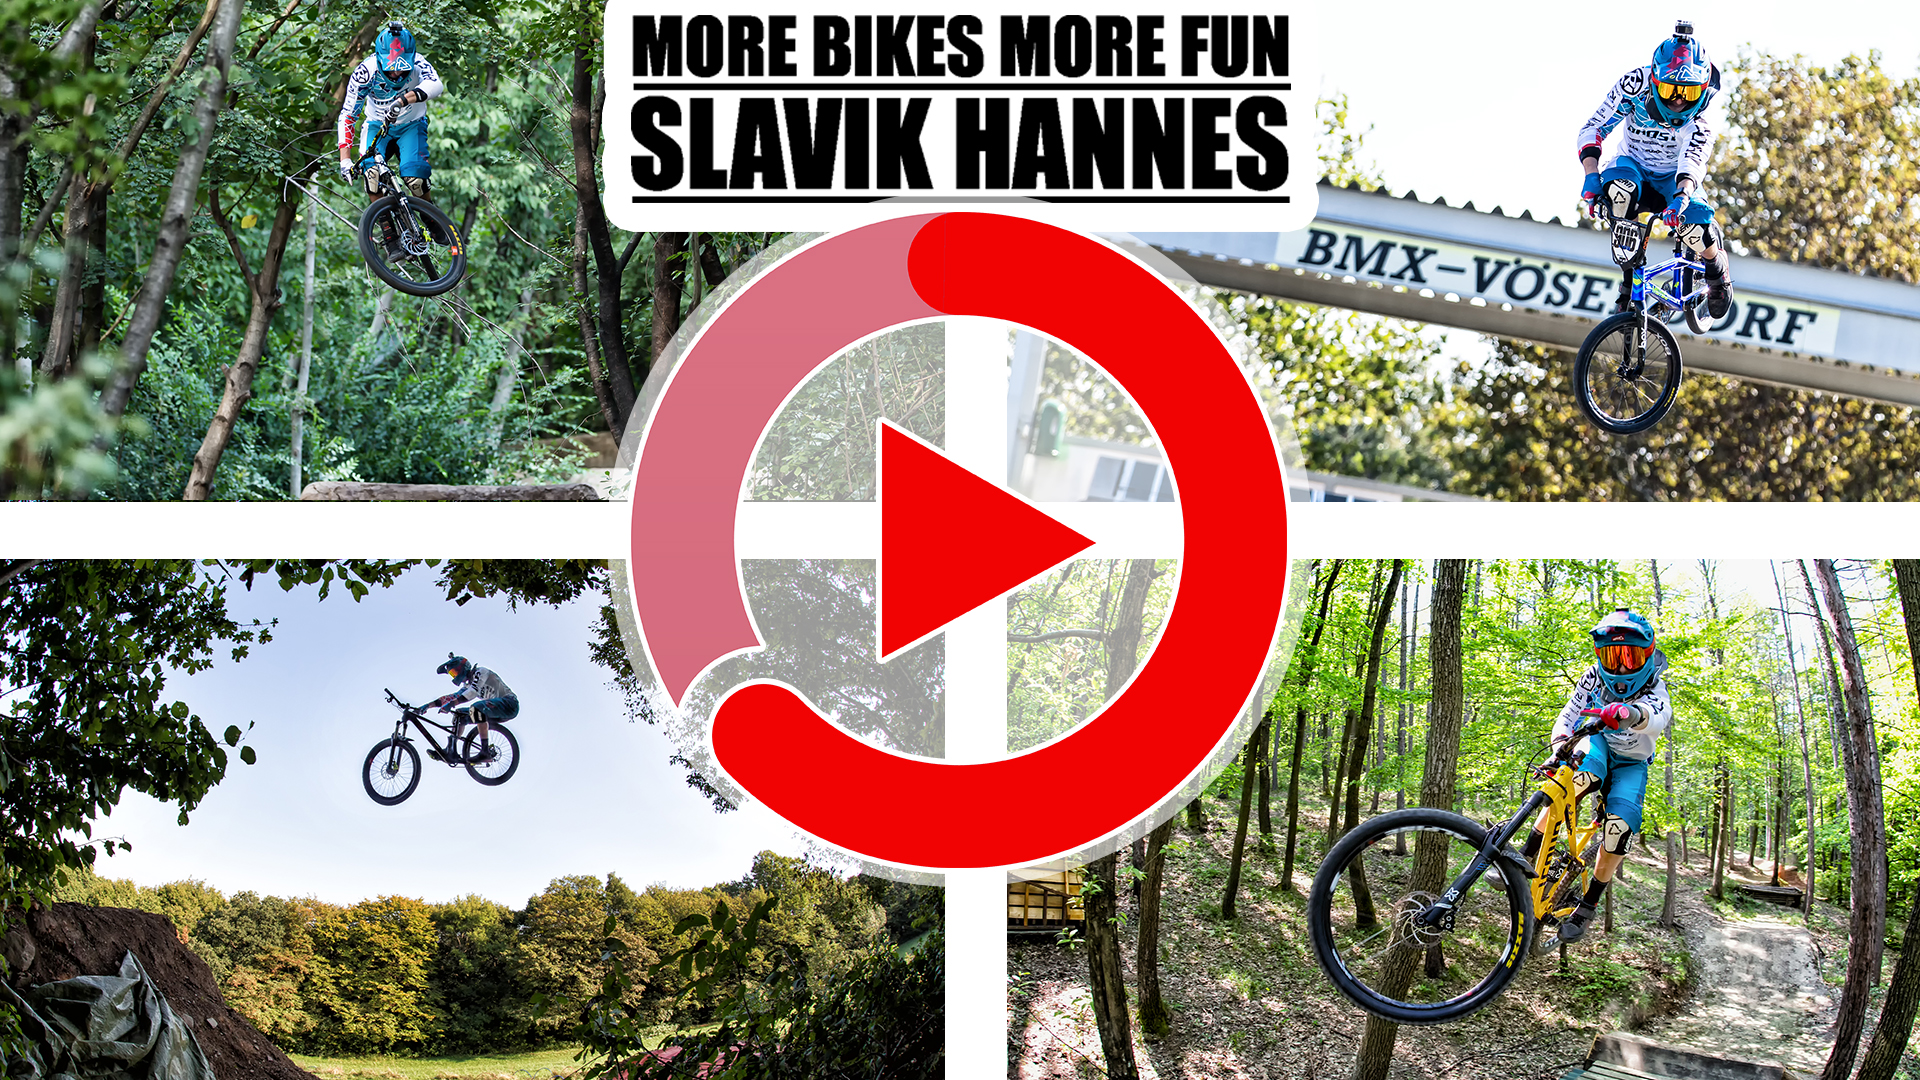 More Bikes More Fun Video Hannes Slavik